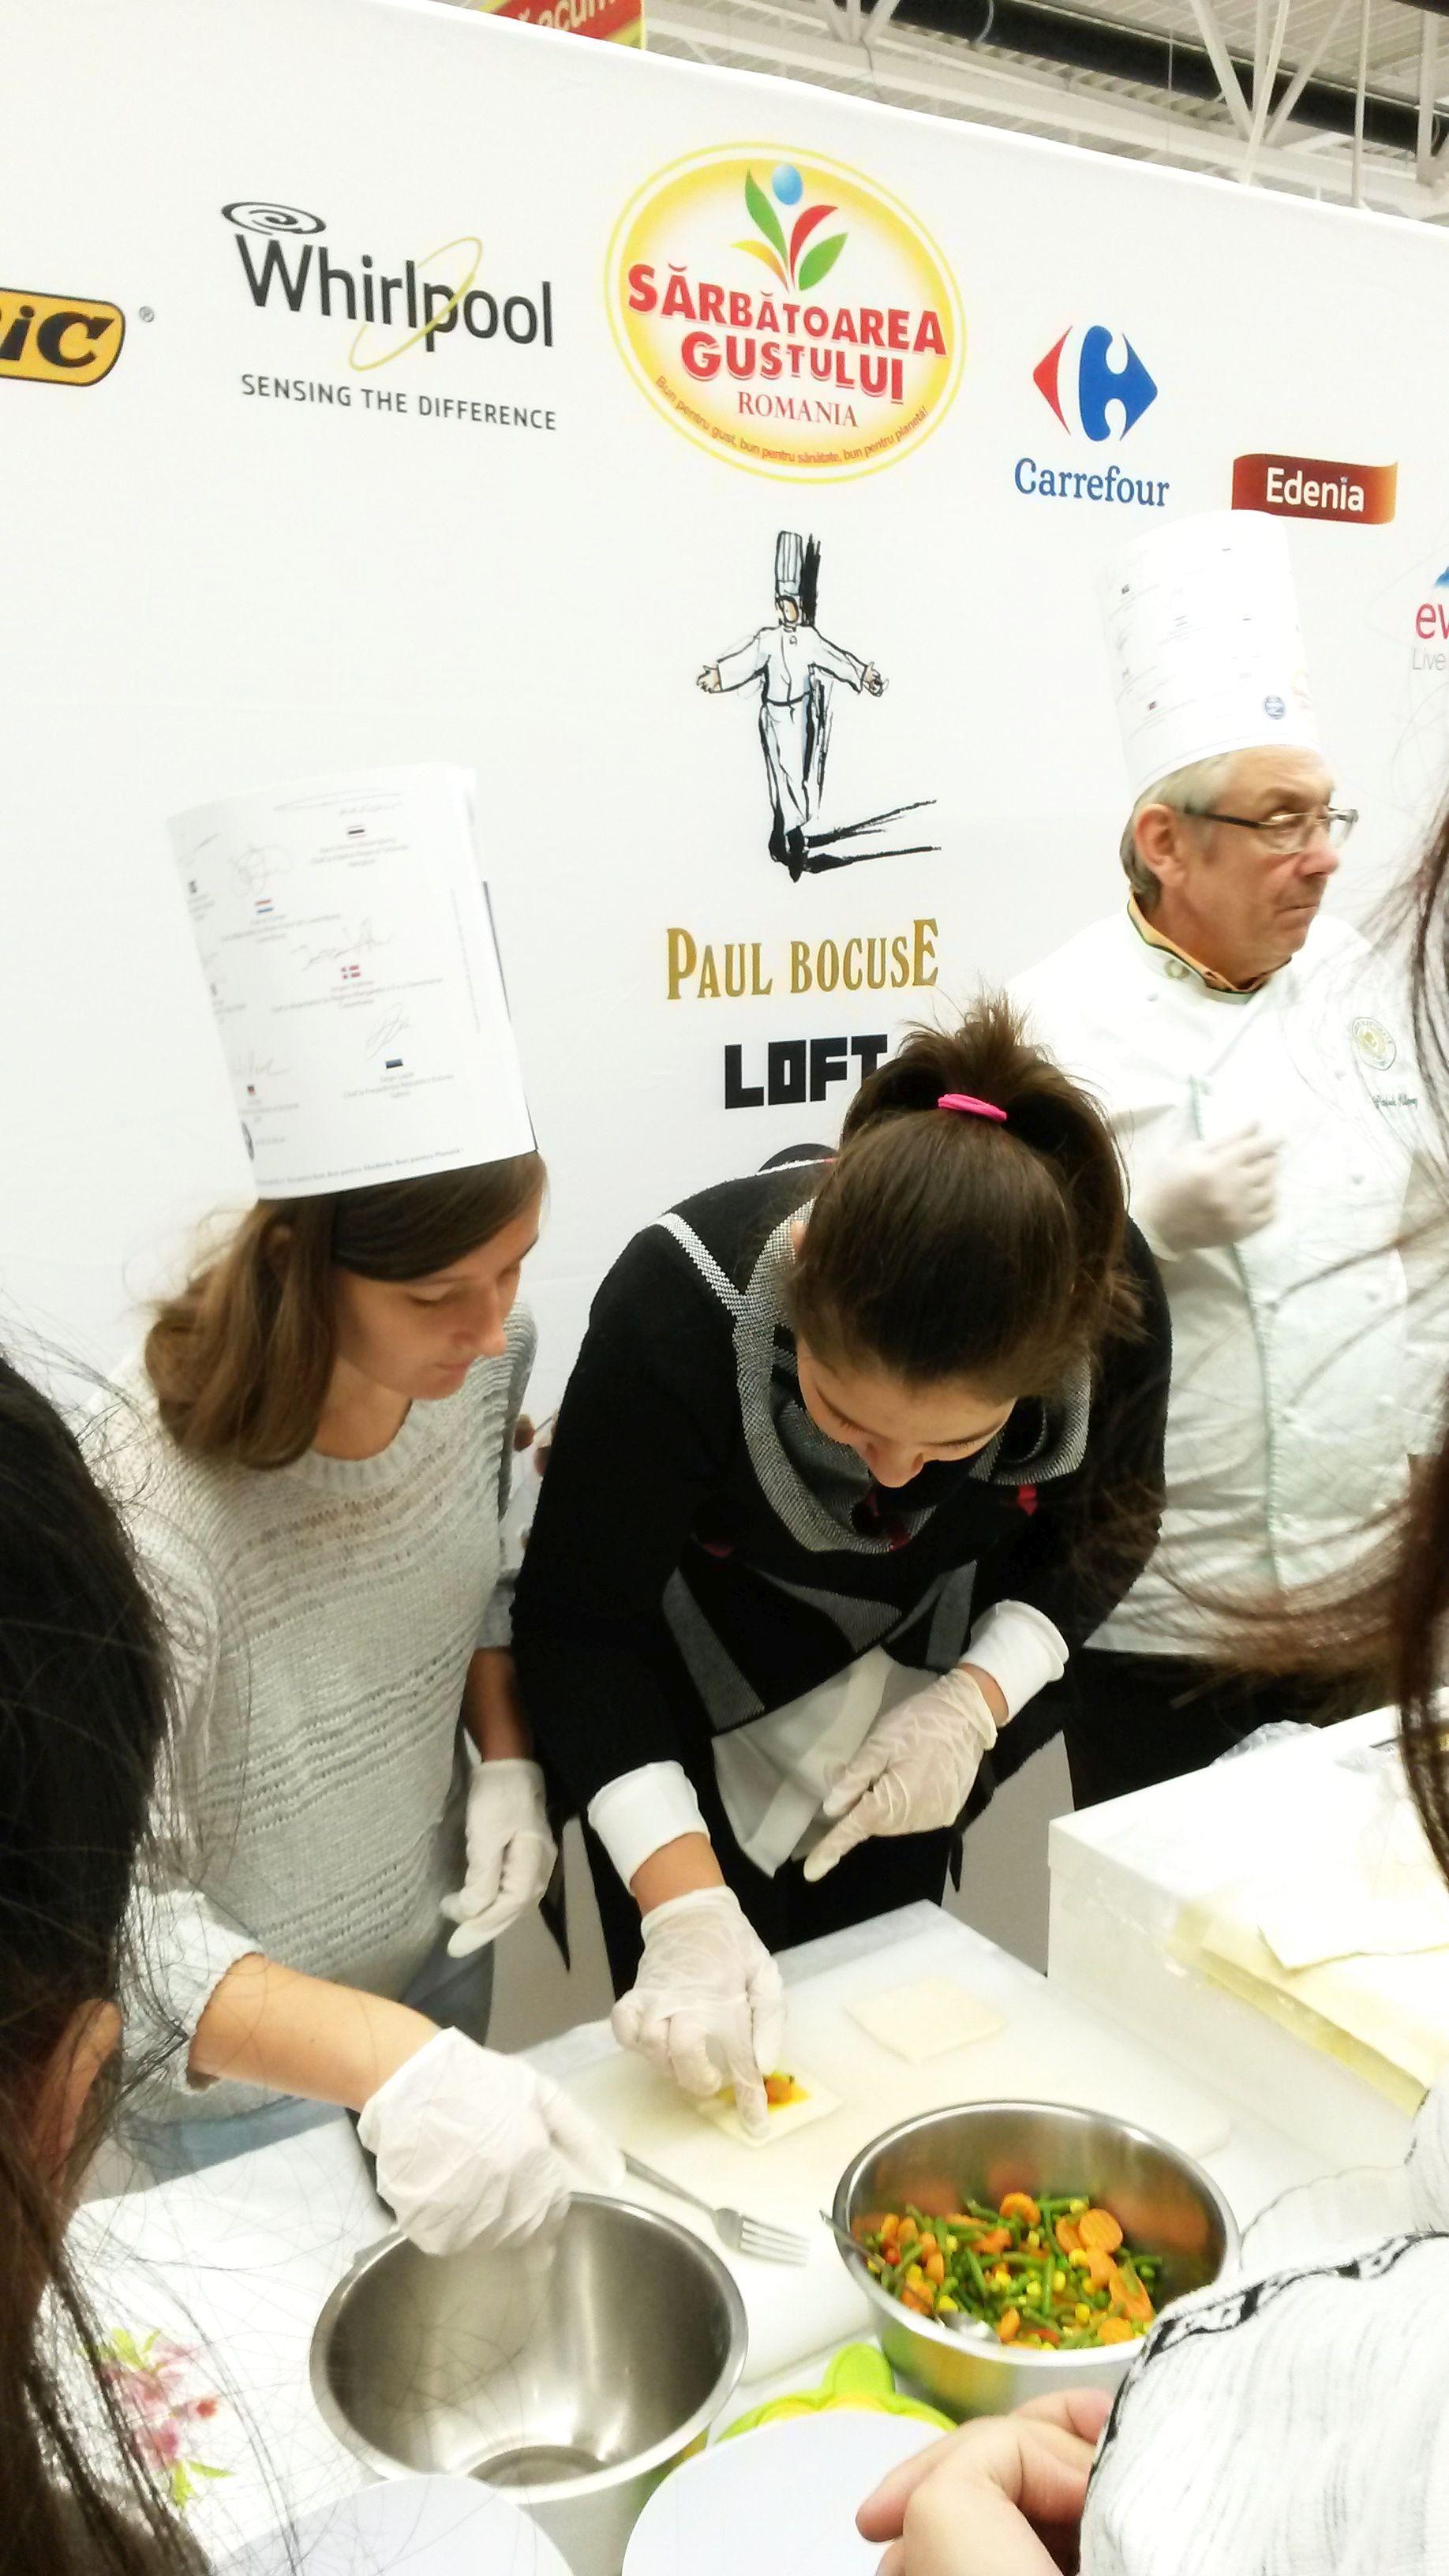 Atelier_Culinar_Sarbatoarea_Gustului_Carrefour_Atelier_educational_Patrick_Pierre_Pettenuzzo_002